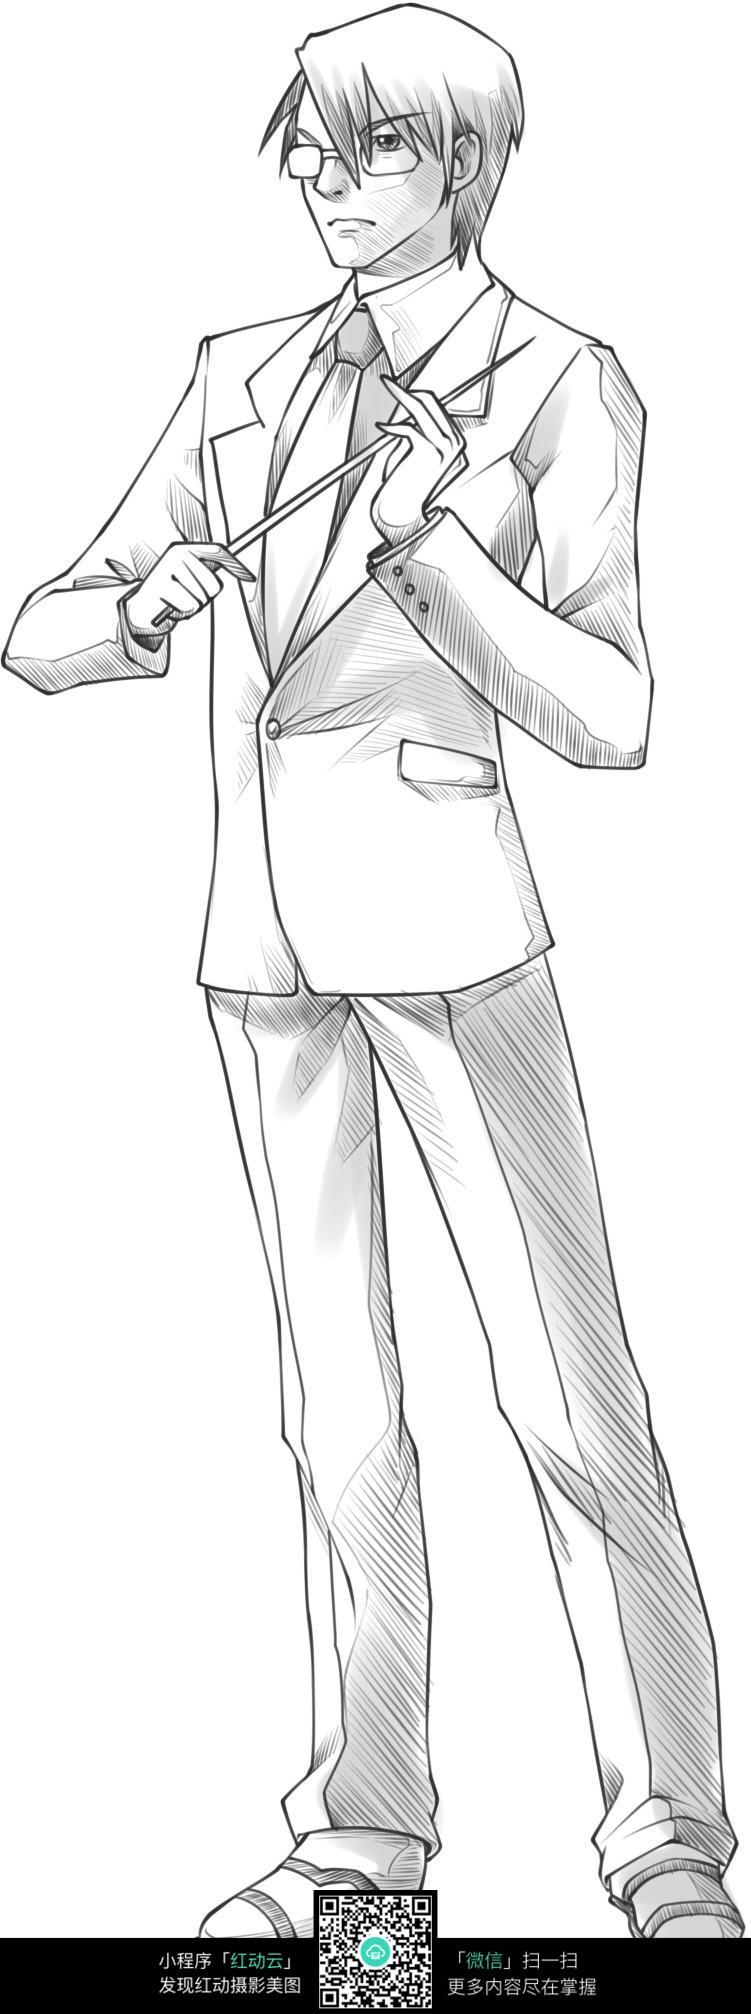 免费素材 图片素材 漫画插画 人物卡通 正在讲课的男老师